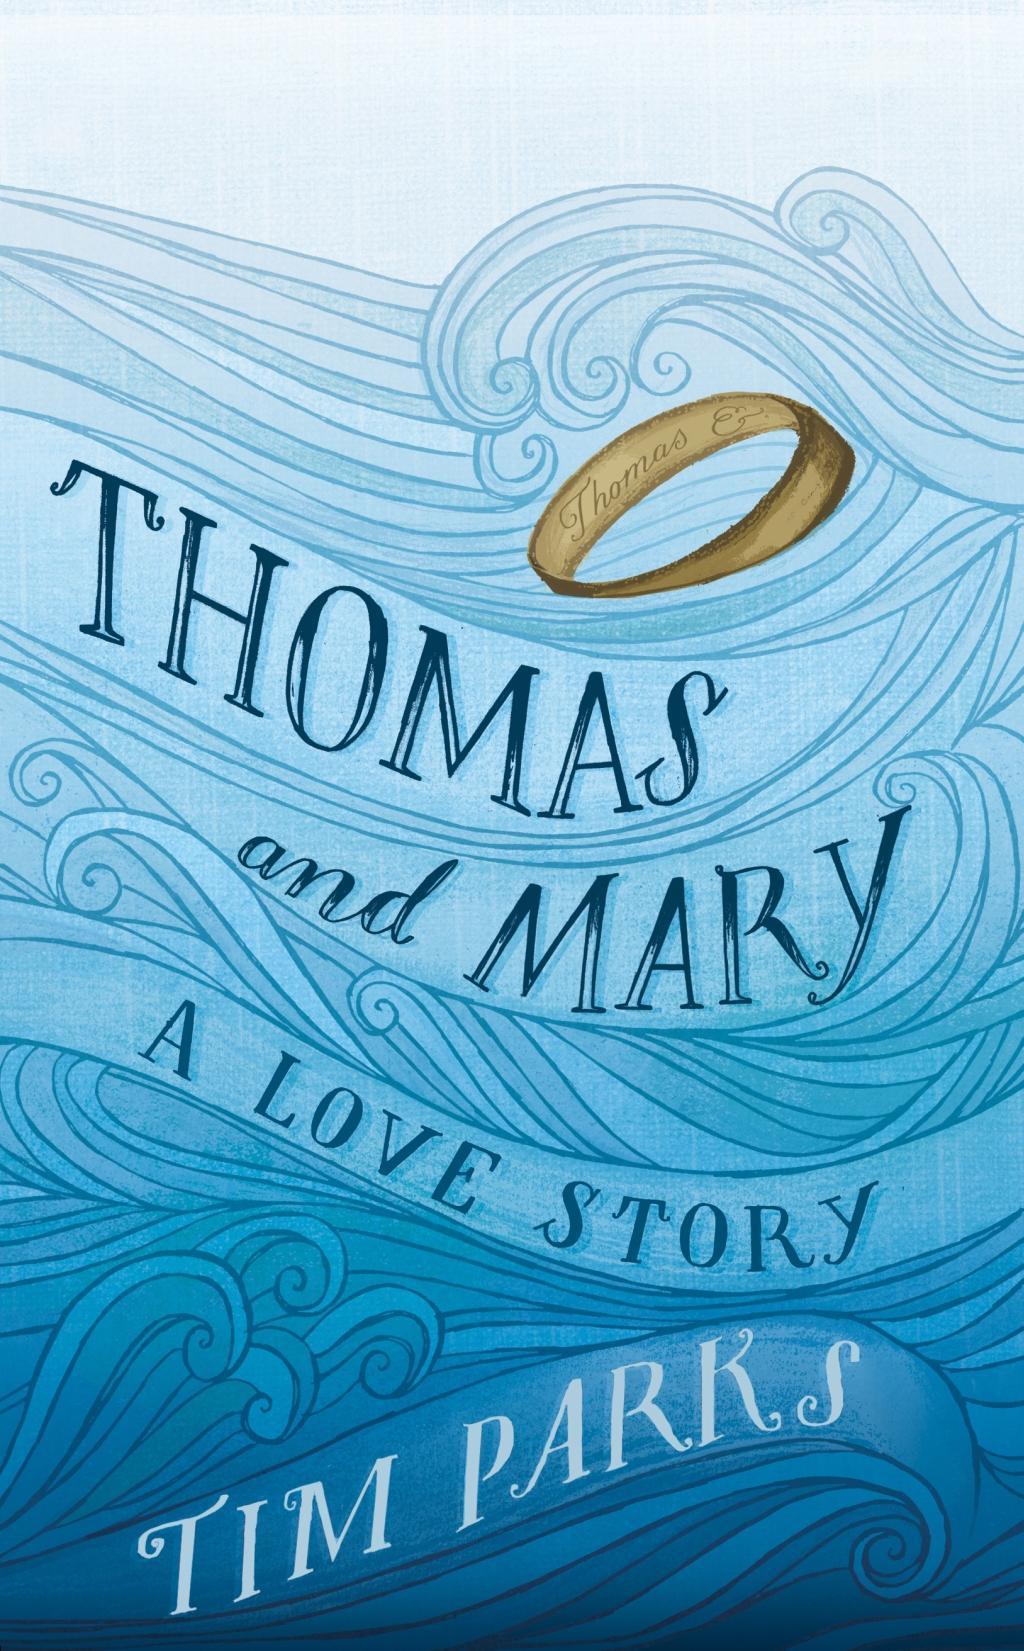 Thomas and Mary